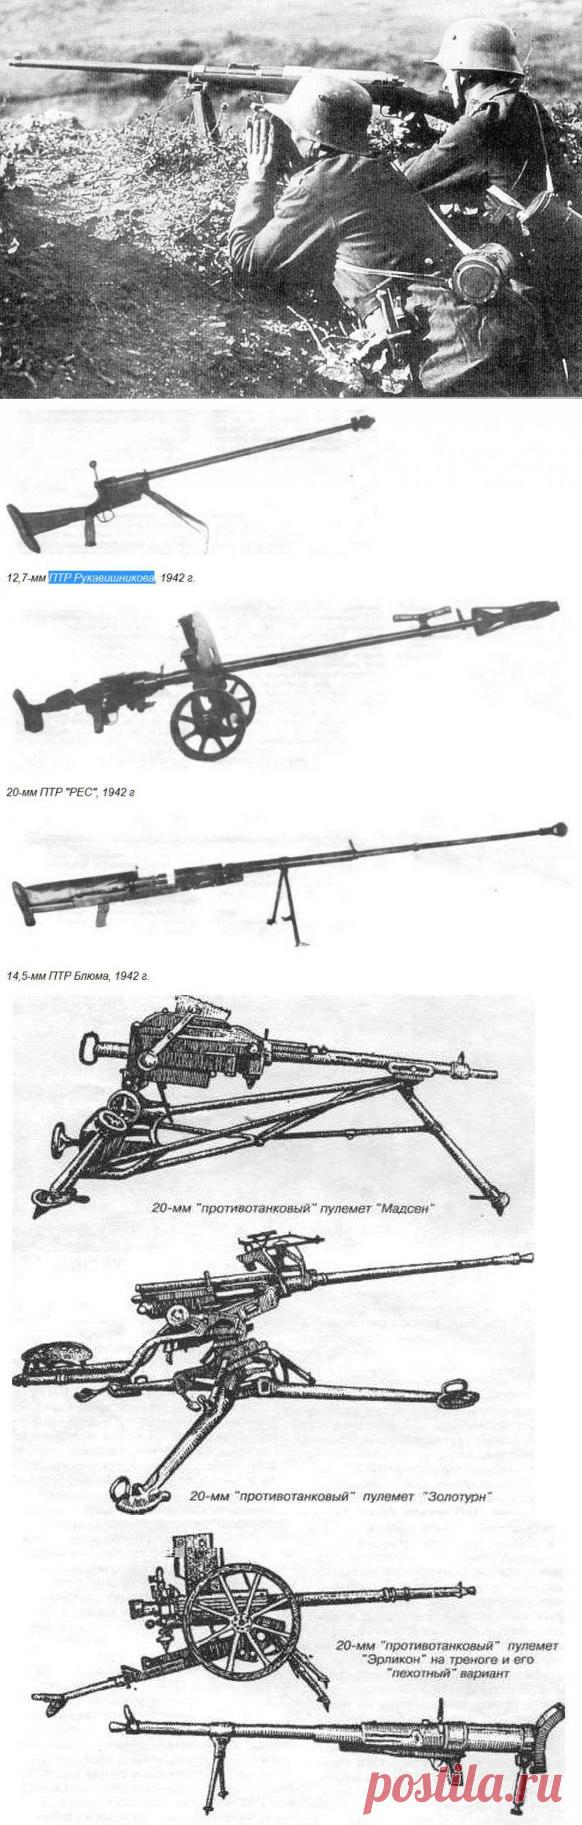 Отечественные противотанковые ружья